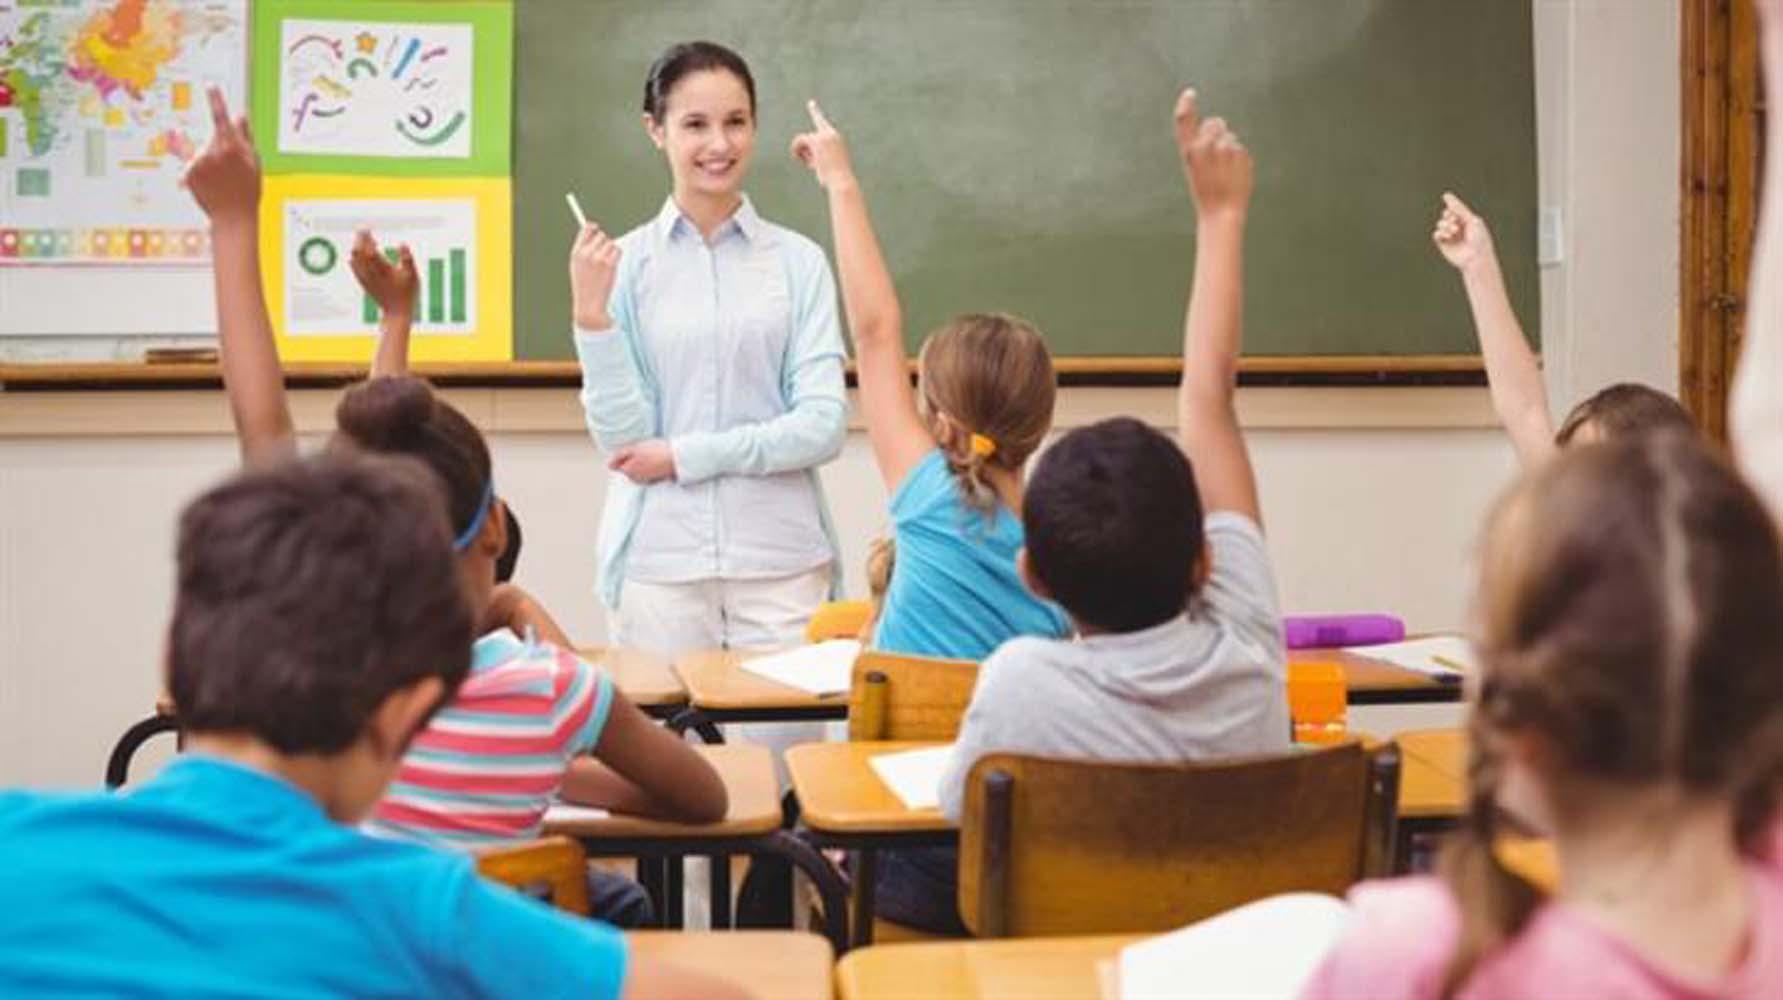 15 bin öğretmen ataması branş dağılımı belli oldu mu?